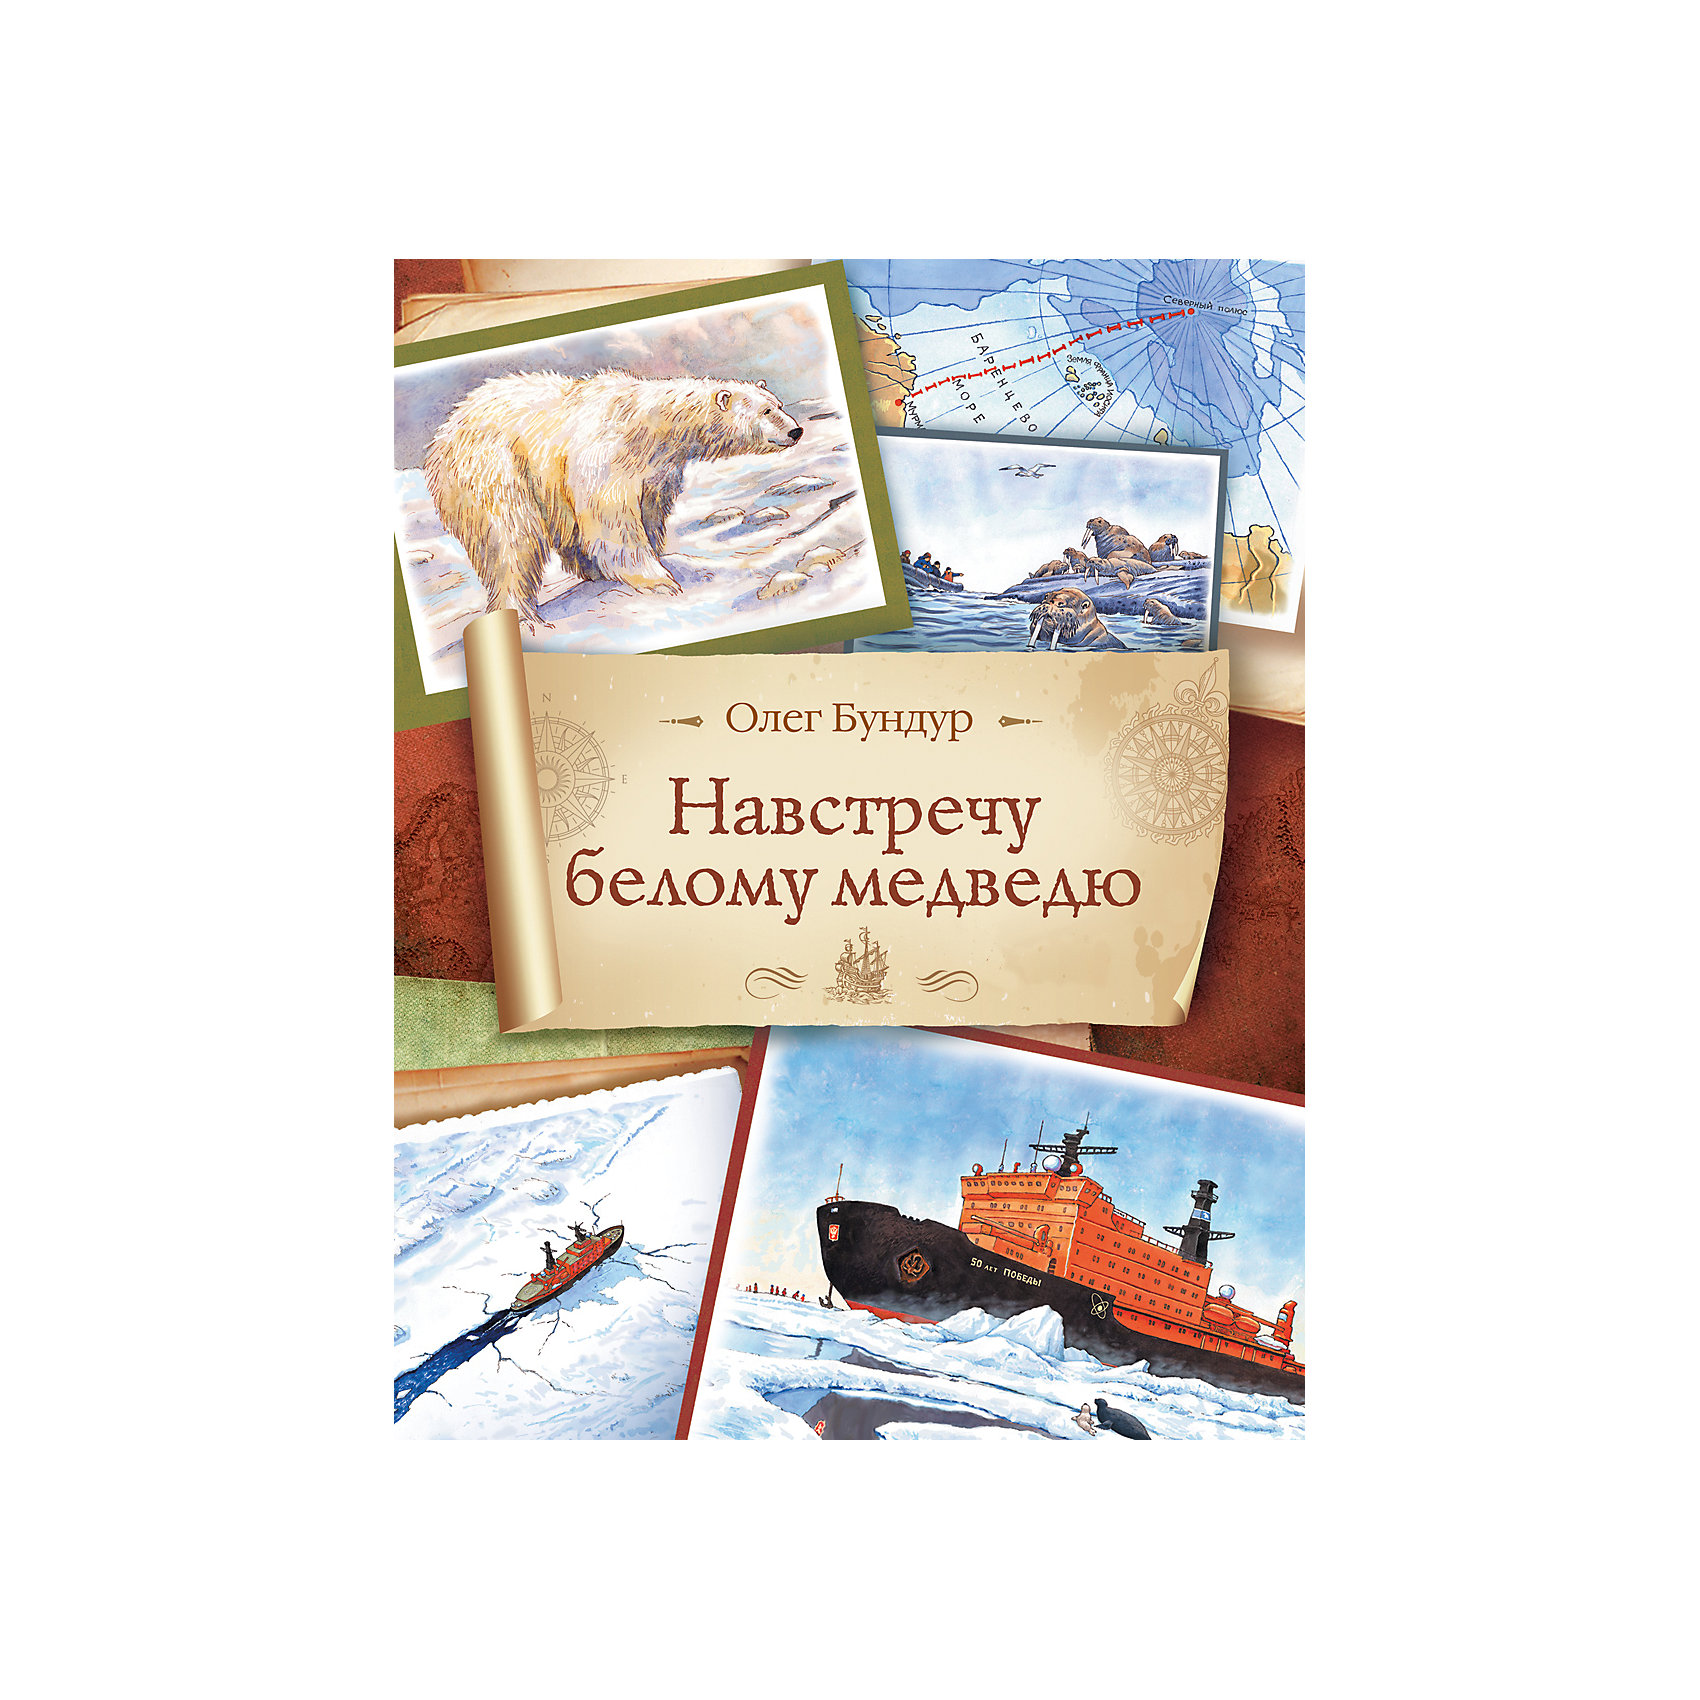 Навстречу белому медведю, О. БундурАвтор книги Олег Бундур совершил путешествие по Северному Ледовитому океану на ледоколе 50 лет Победы к самому полюсу и обратно. Простым и понятным языком он рассказывает о белых медведях, тюленях и северных птицах, о параллелях и меридианах, о порядке на судне и даже объясняет устройство атомного двигателя. Это книга для всех, кто любит географию, интересуется путешествиями и мечтает своими глазами увидеть самые необыкновенные места на нашей планете.&#13;<br>Иллюстрации Виктора Минеева.<br><br>Ширина мм: 263<br>Глубина мм: 203<br>Высота мм: 10<br>Вес г: 337<br>Возраст от месяцев: 60<br>Возраст до месяцев: 2147483647<br>Пол: Унисекс<br>Возраст: Детский<br>SKU: 4720533